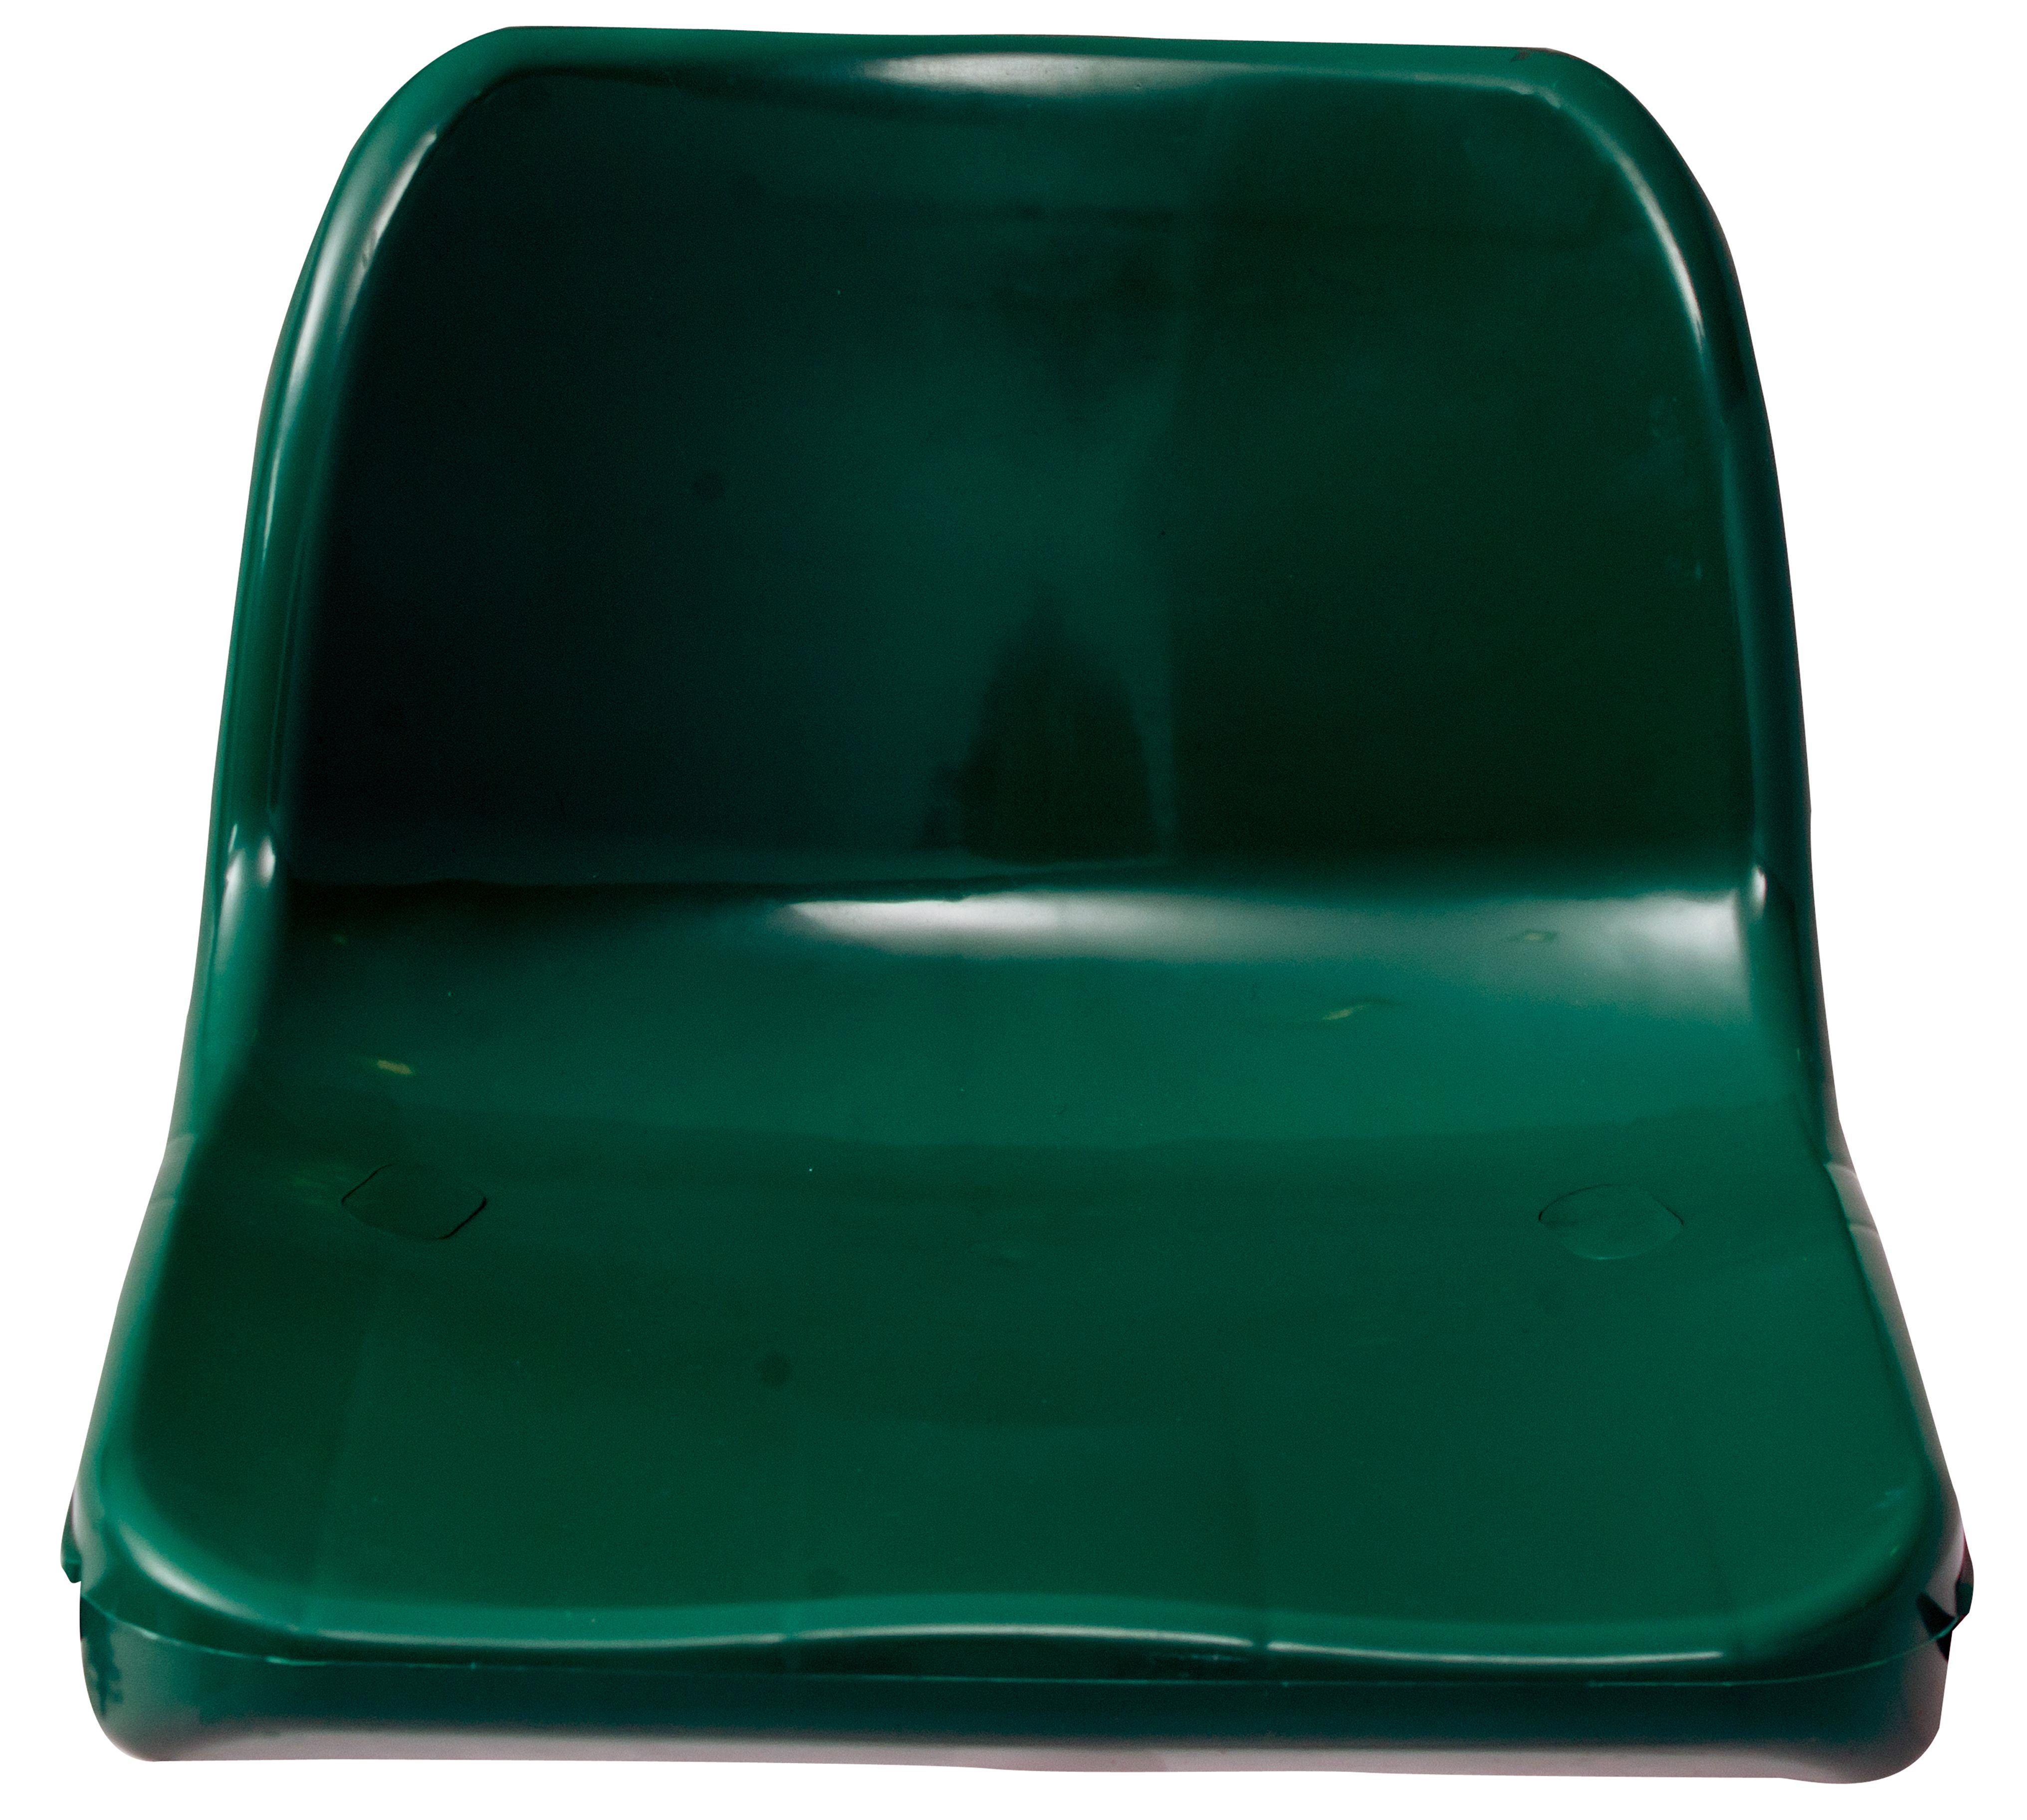 arena_monoblock_copolymer_pp_stadium_chair_seatorium_03